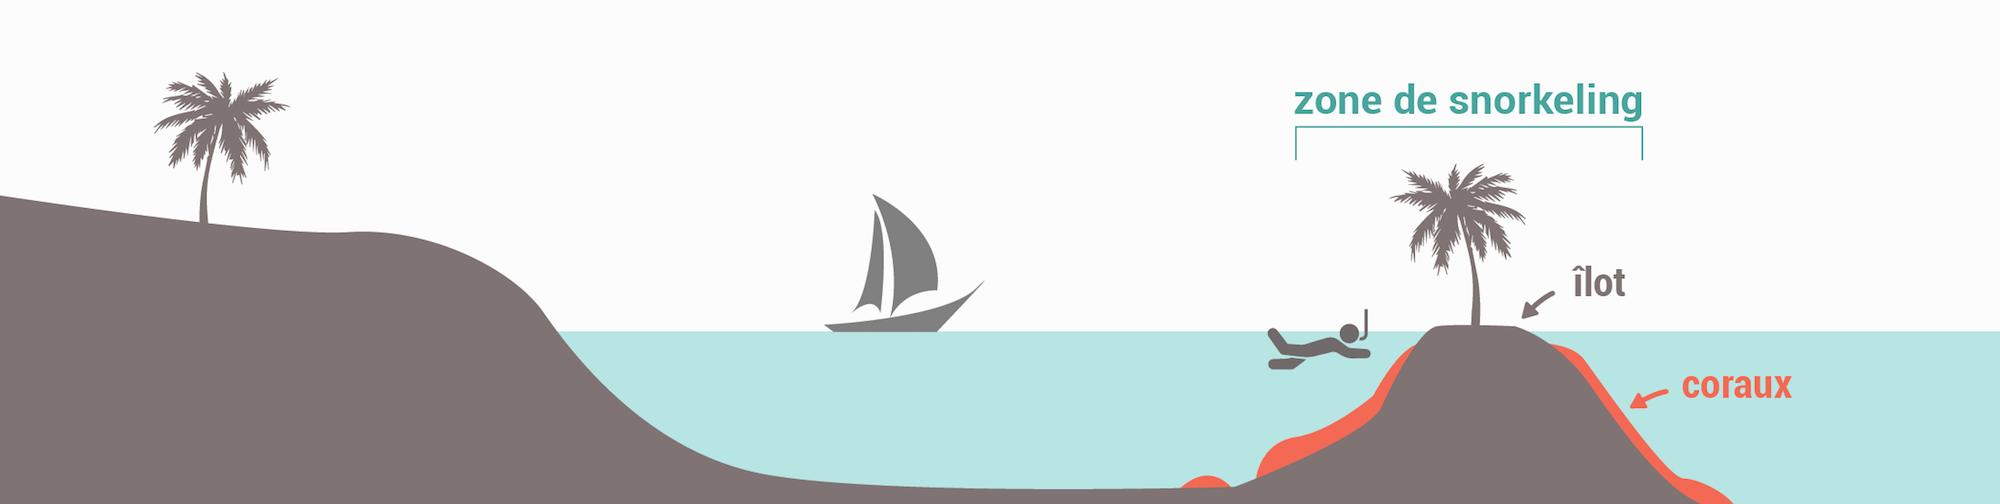 Les types de spots de snorkeling - Récif interne